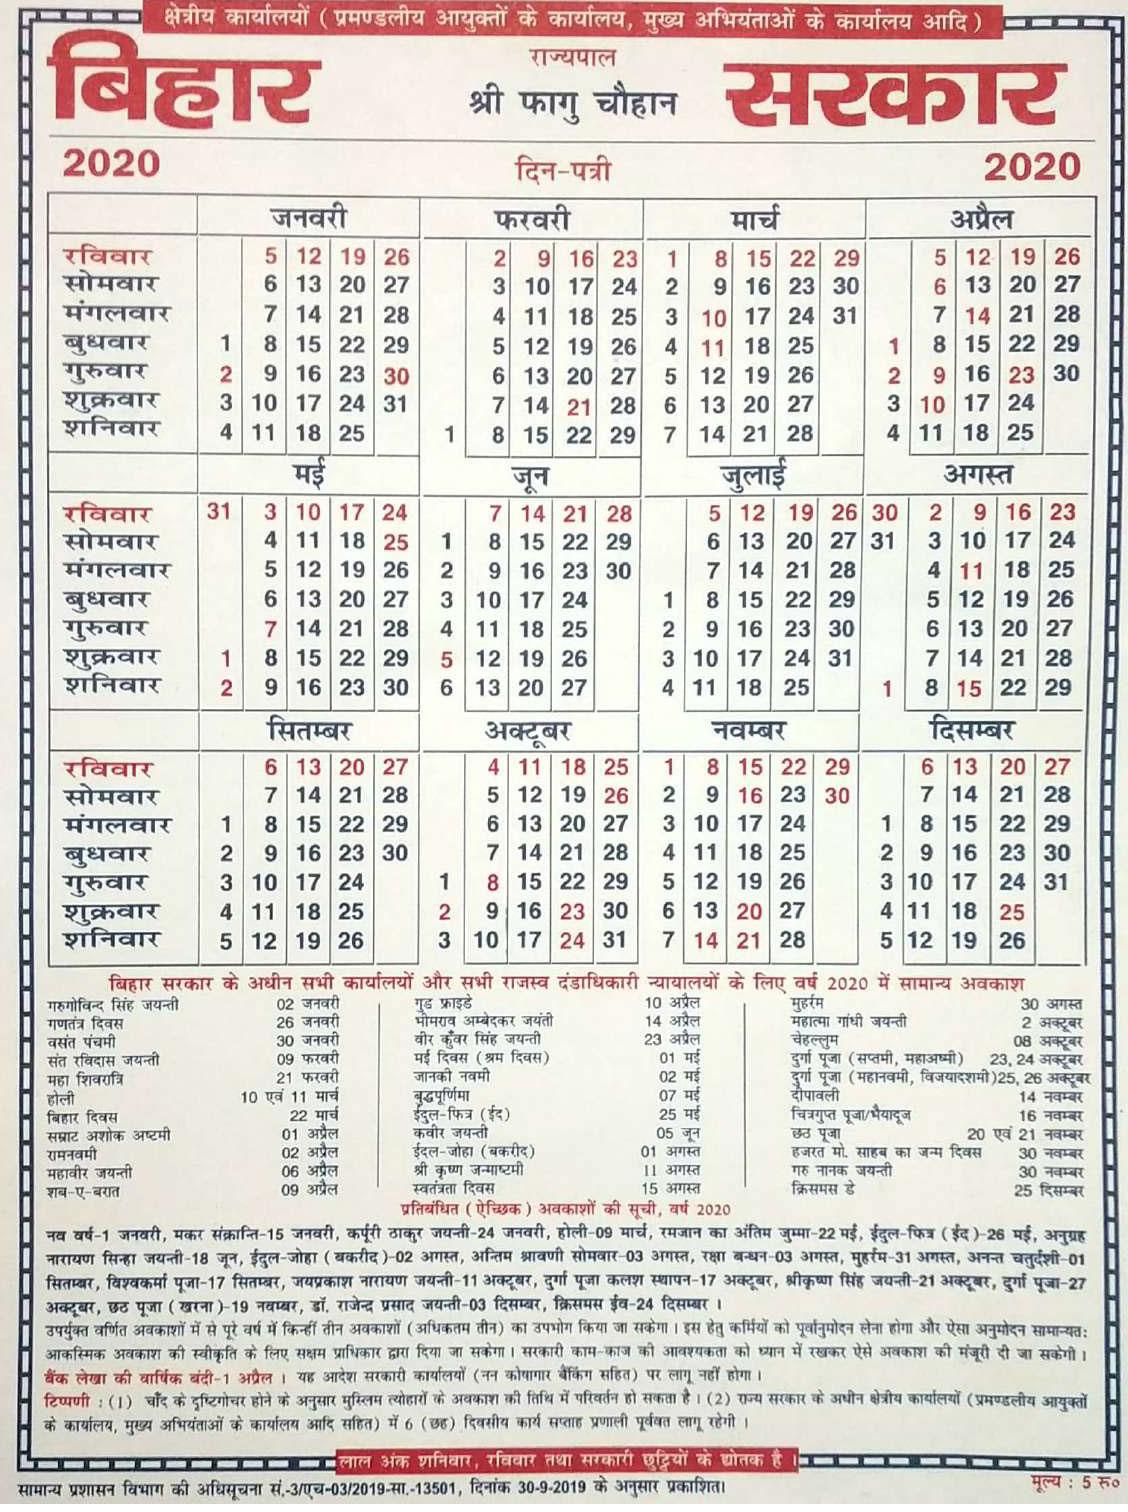 Bihar Sarkar Calendar 2021 Pdf | Seg regarding Bihar Govt Calander